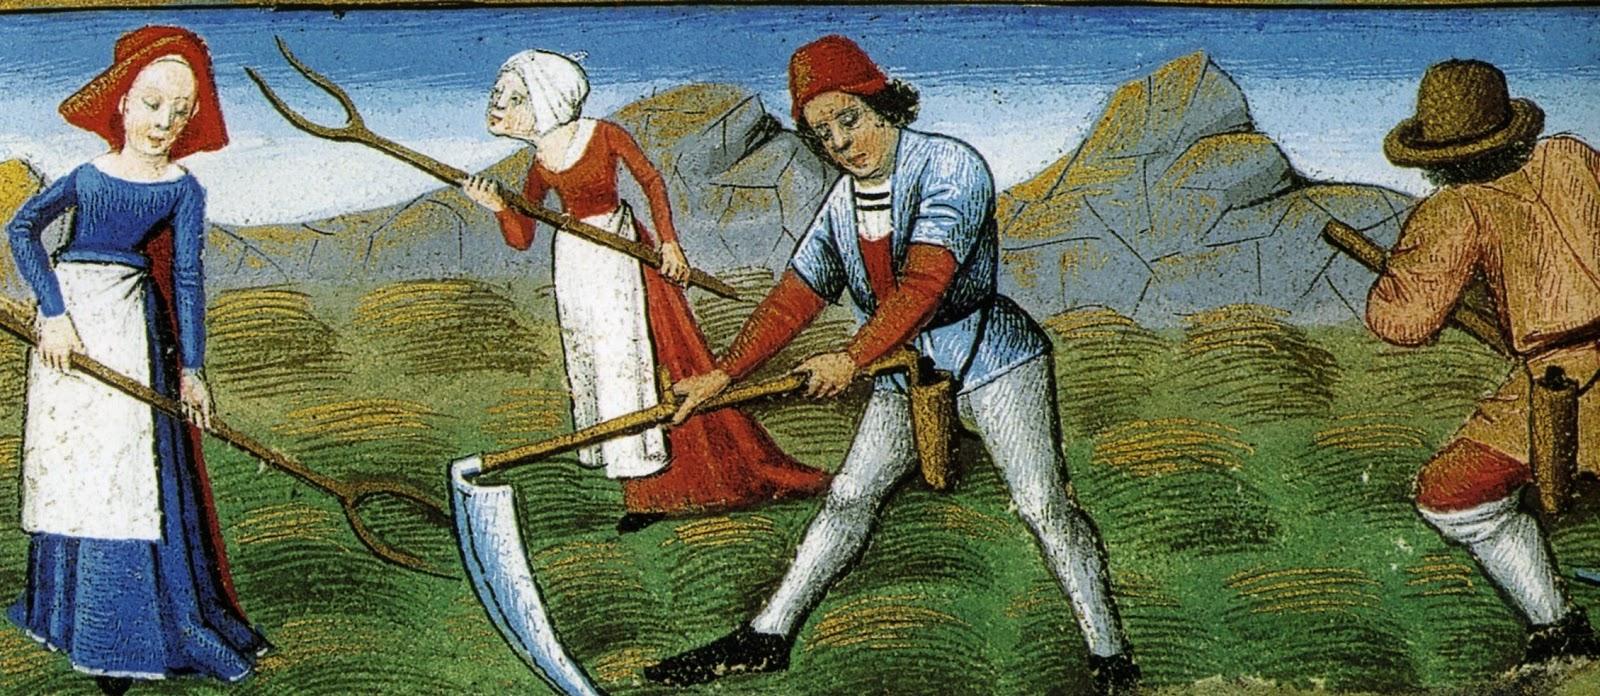 картинки крестьян средневековья первом